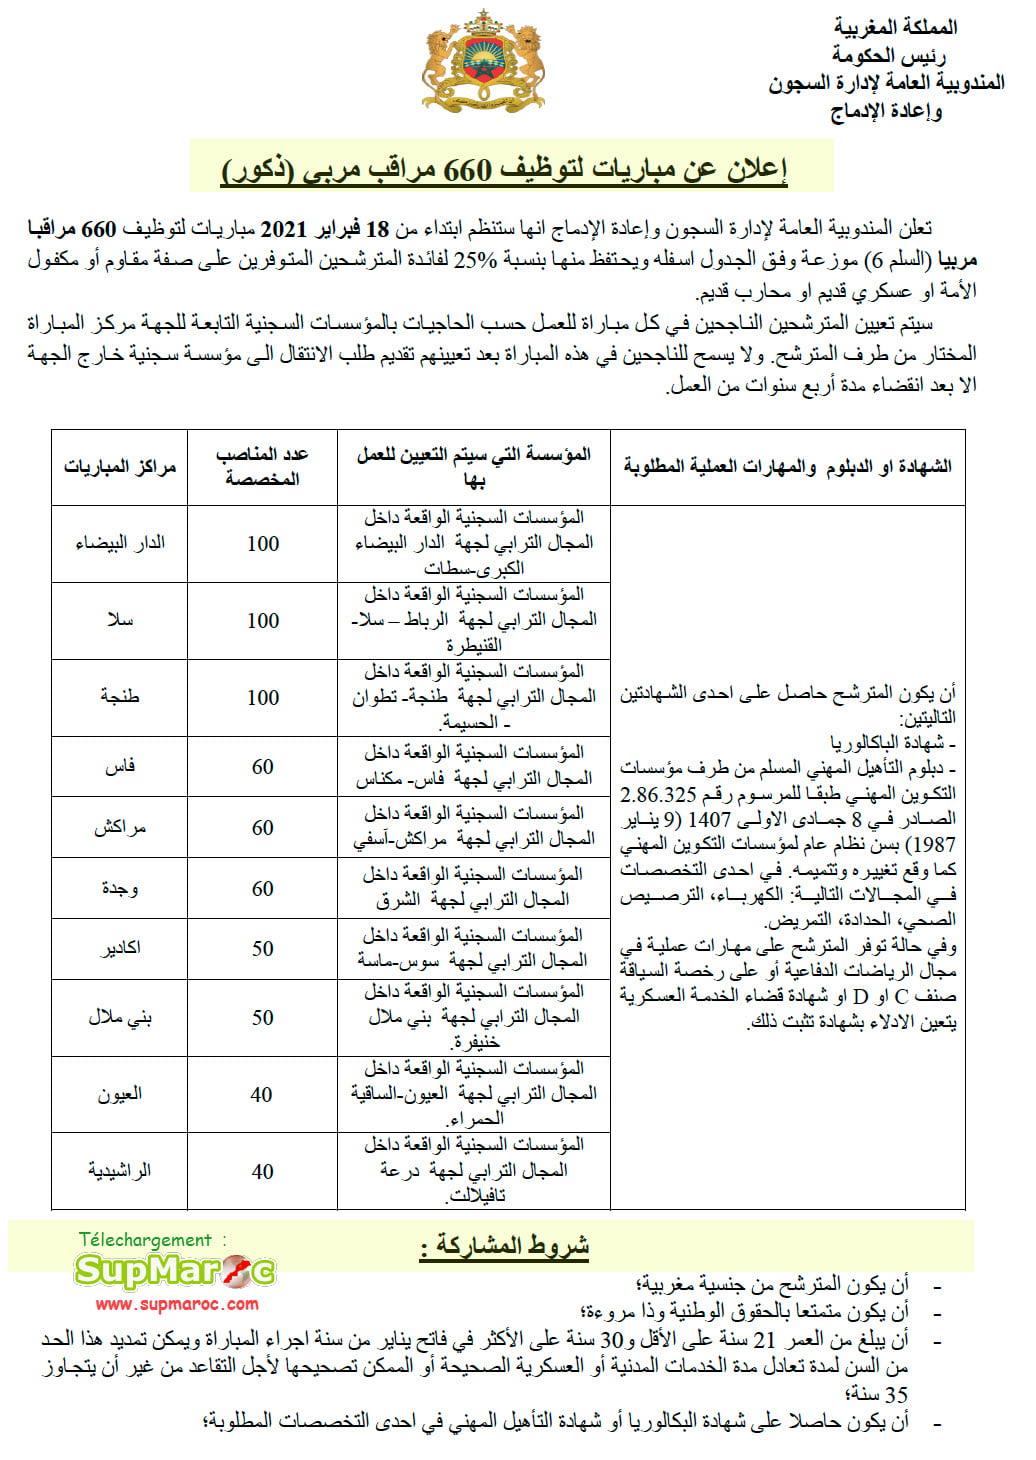 المندوبية العامة لإدارة السجون وإعادة الإدماج توظيف 660 مراقب مربي 2021